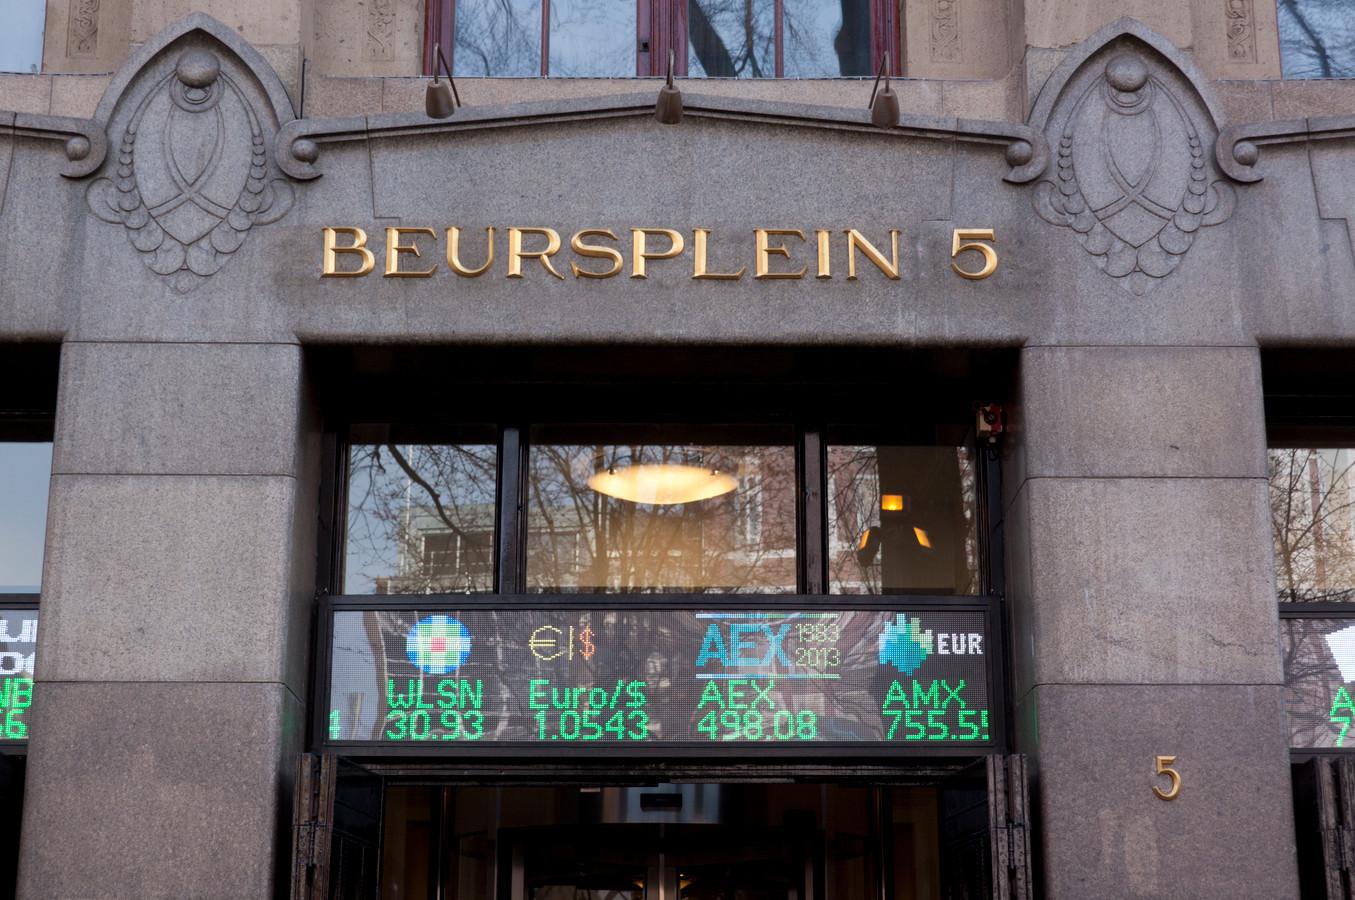 De Amsterdamse beurs, gevestigd op Beursplein 5 bij het Damrak